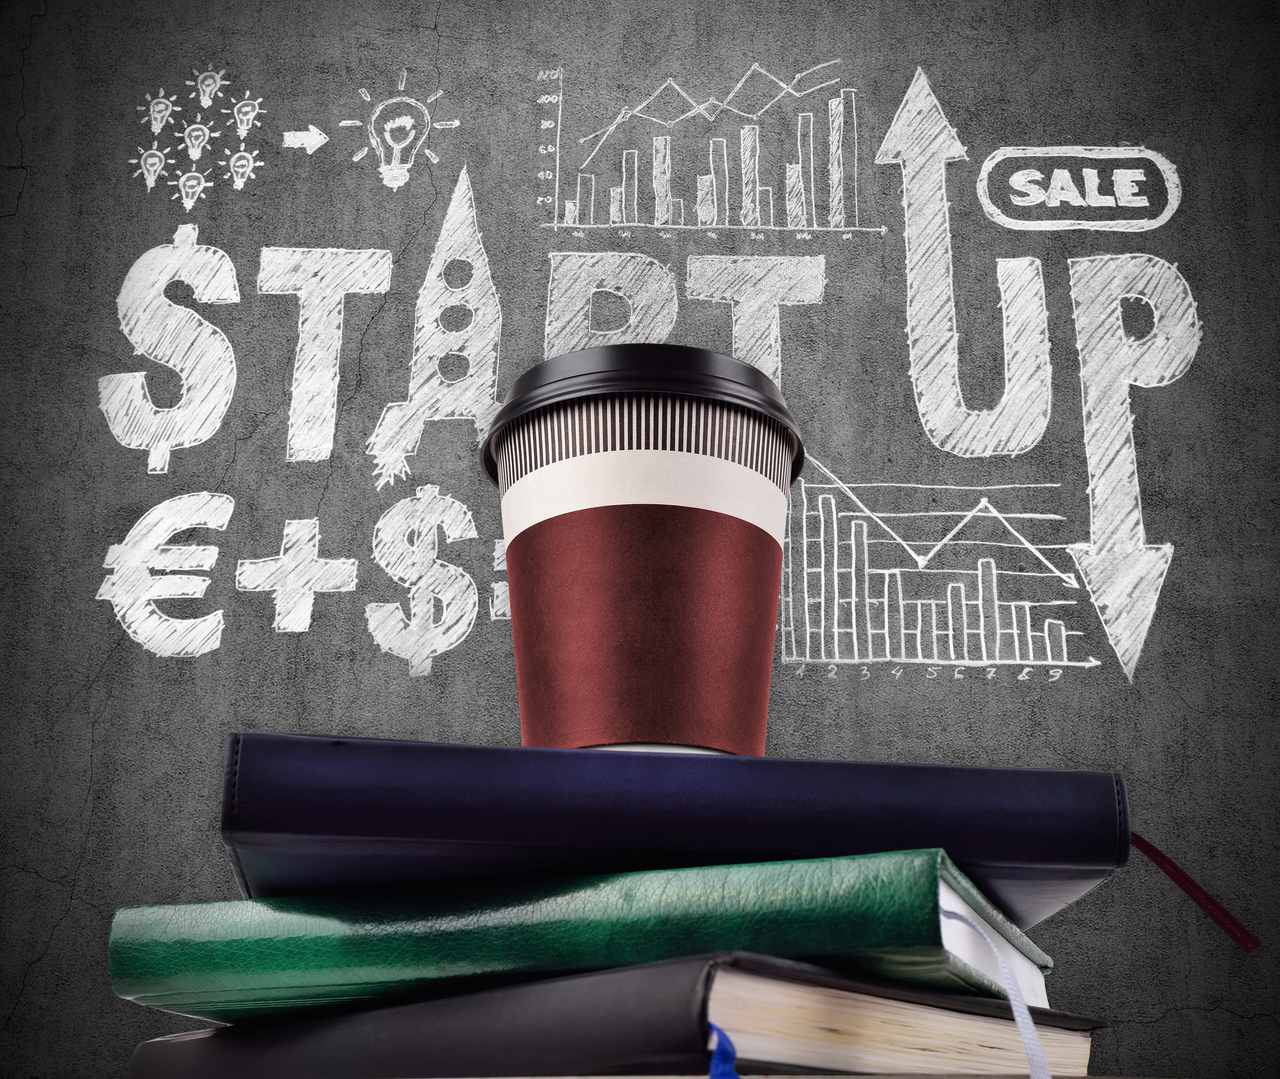 Kako se financiraju startupi? - cjelodnevna radionica